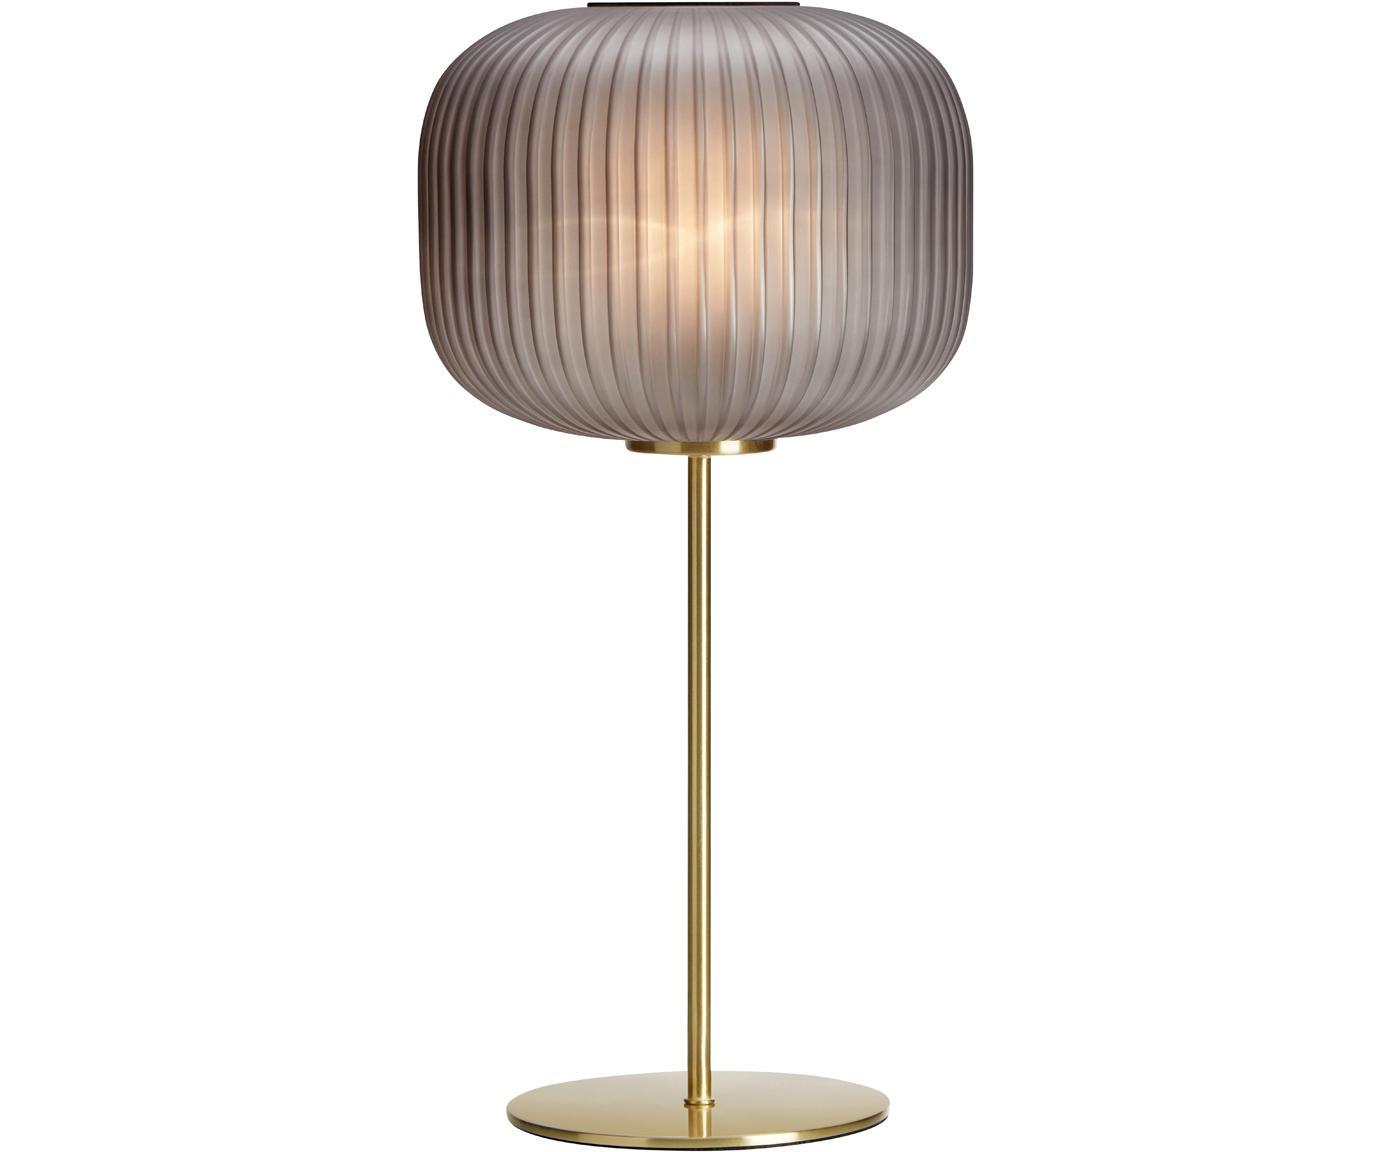 Tischleuchte Sober, Lampenschirm: Glas, Lampenfuß: Metall, gebürstet, Grau, Messingfarben, Ø 25 x H 50 cm